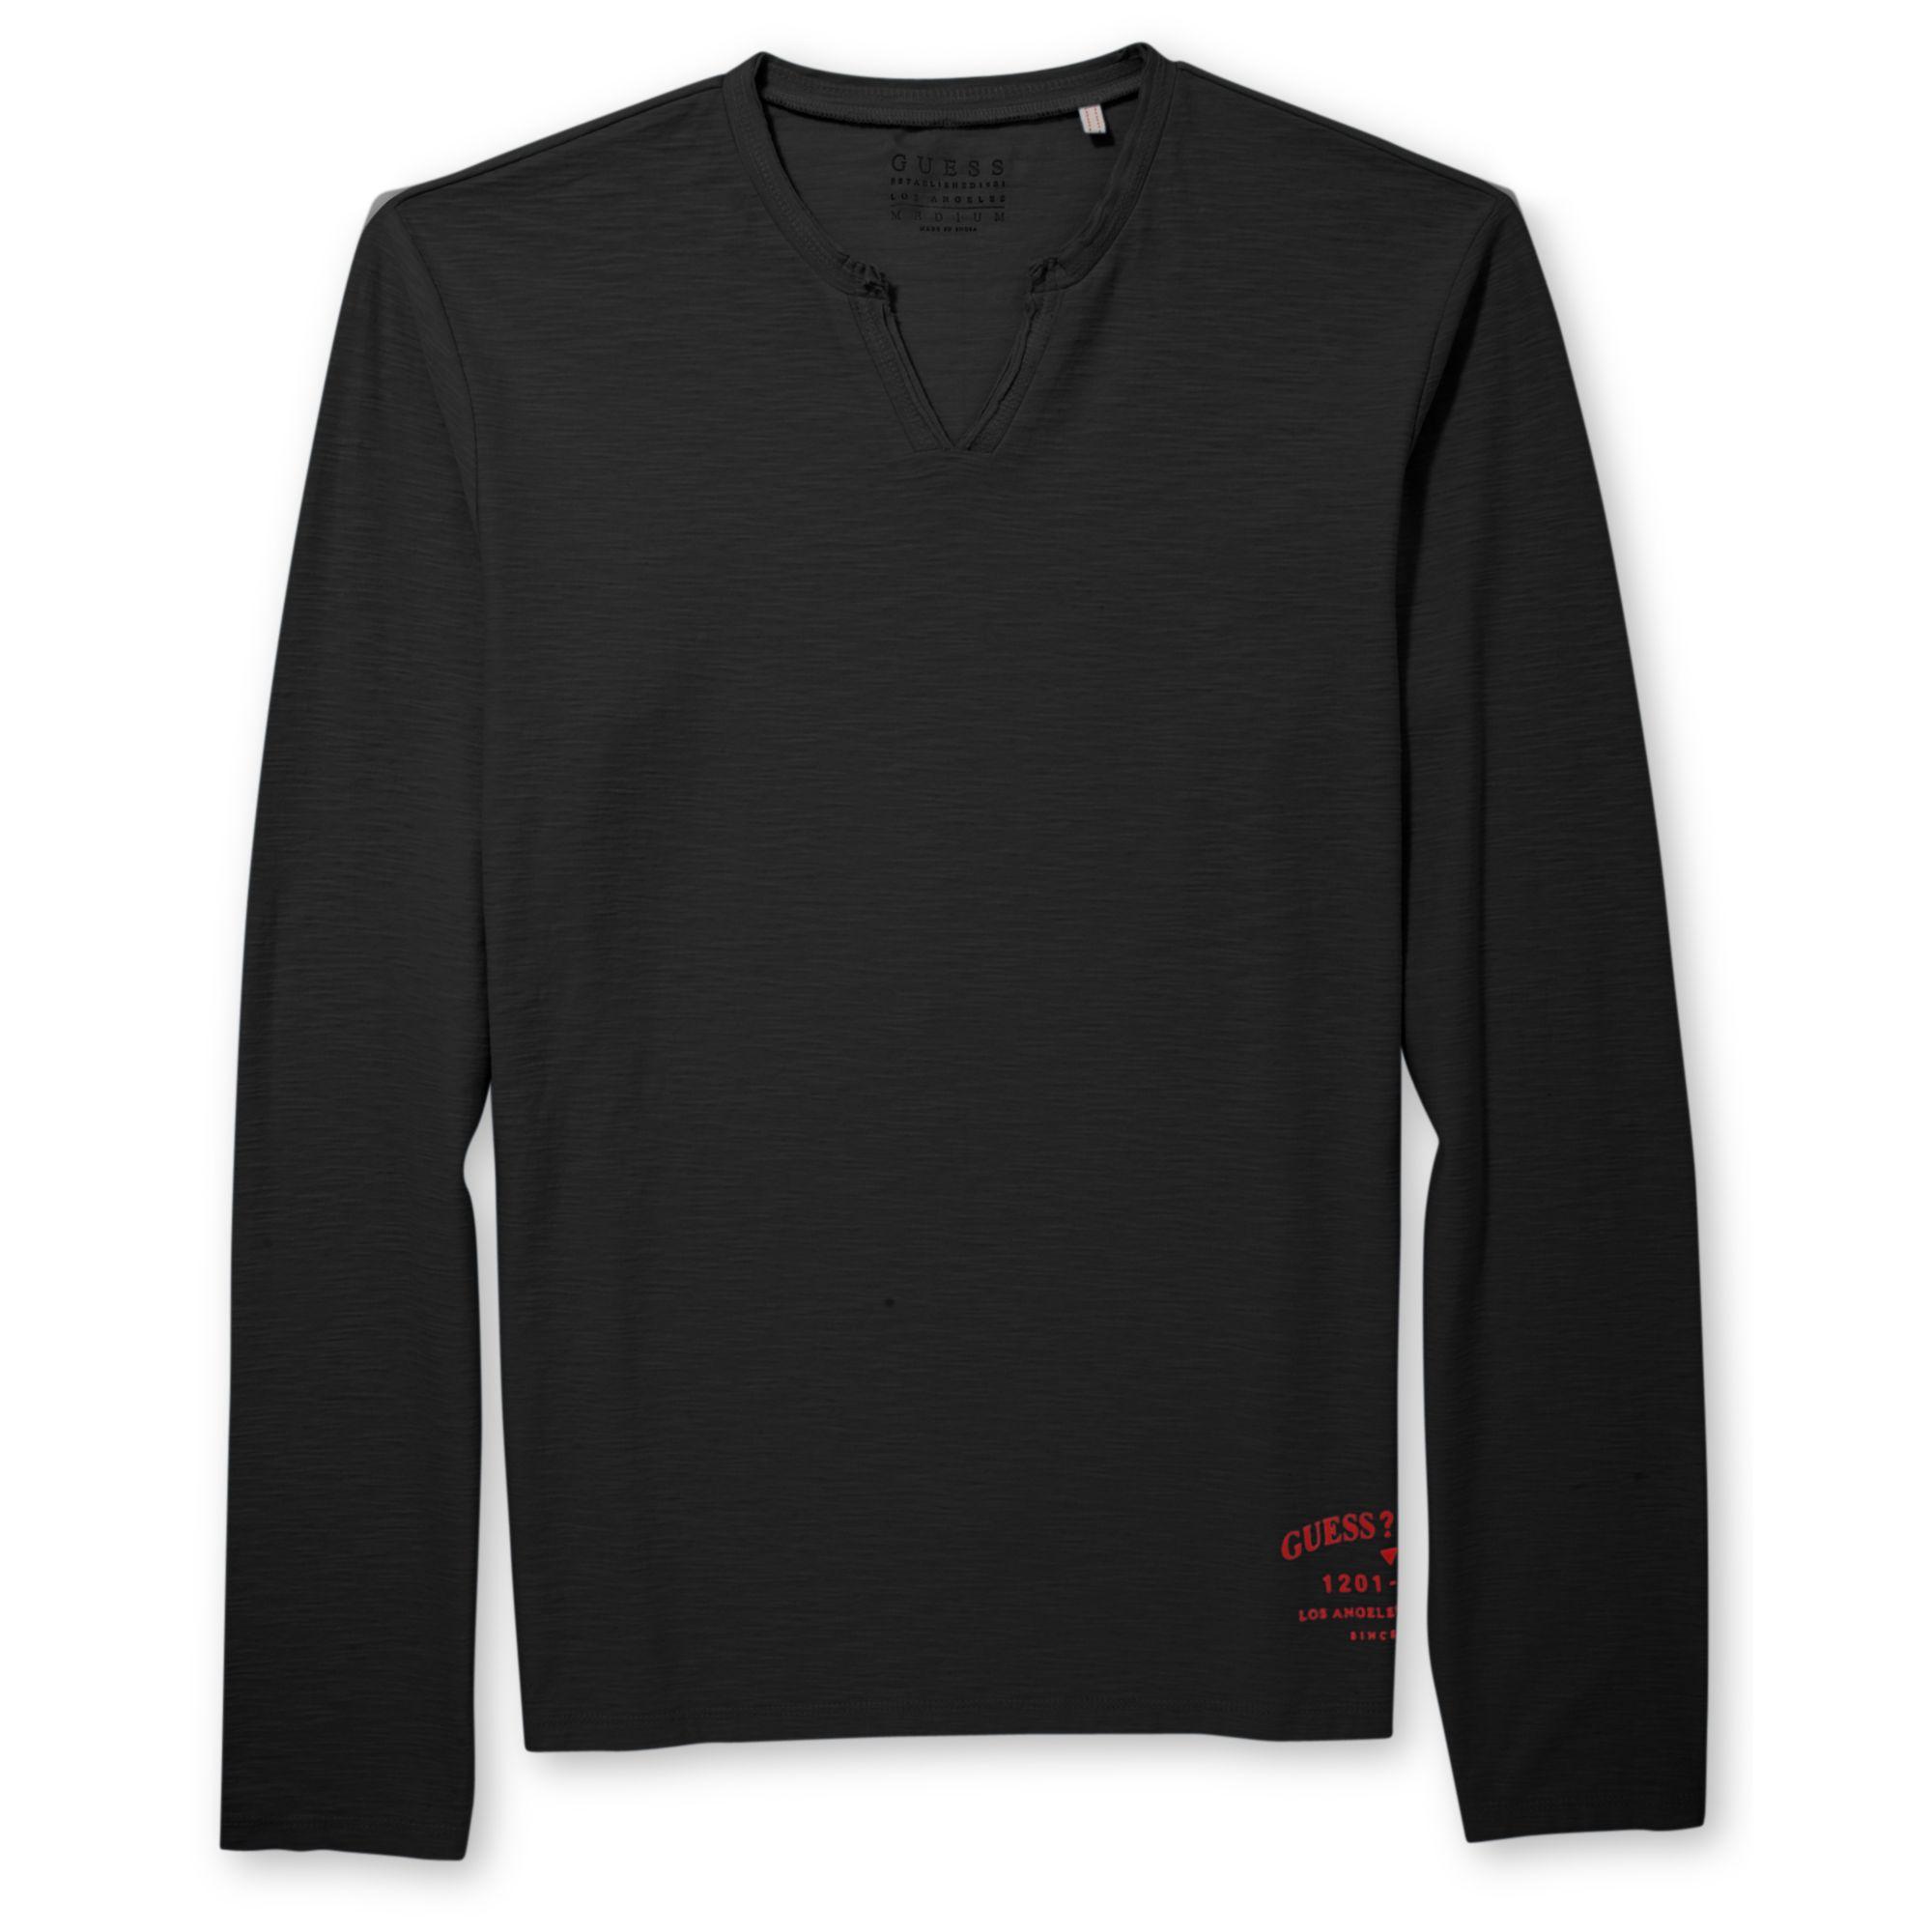 Guess Notchedneck Longsleeve Tshirt In Black For Men Jet